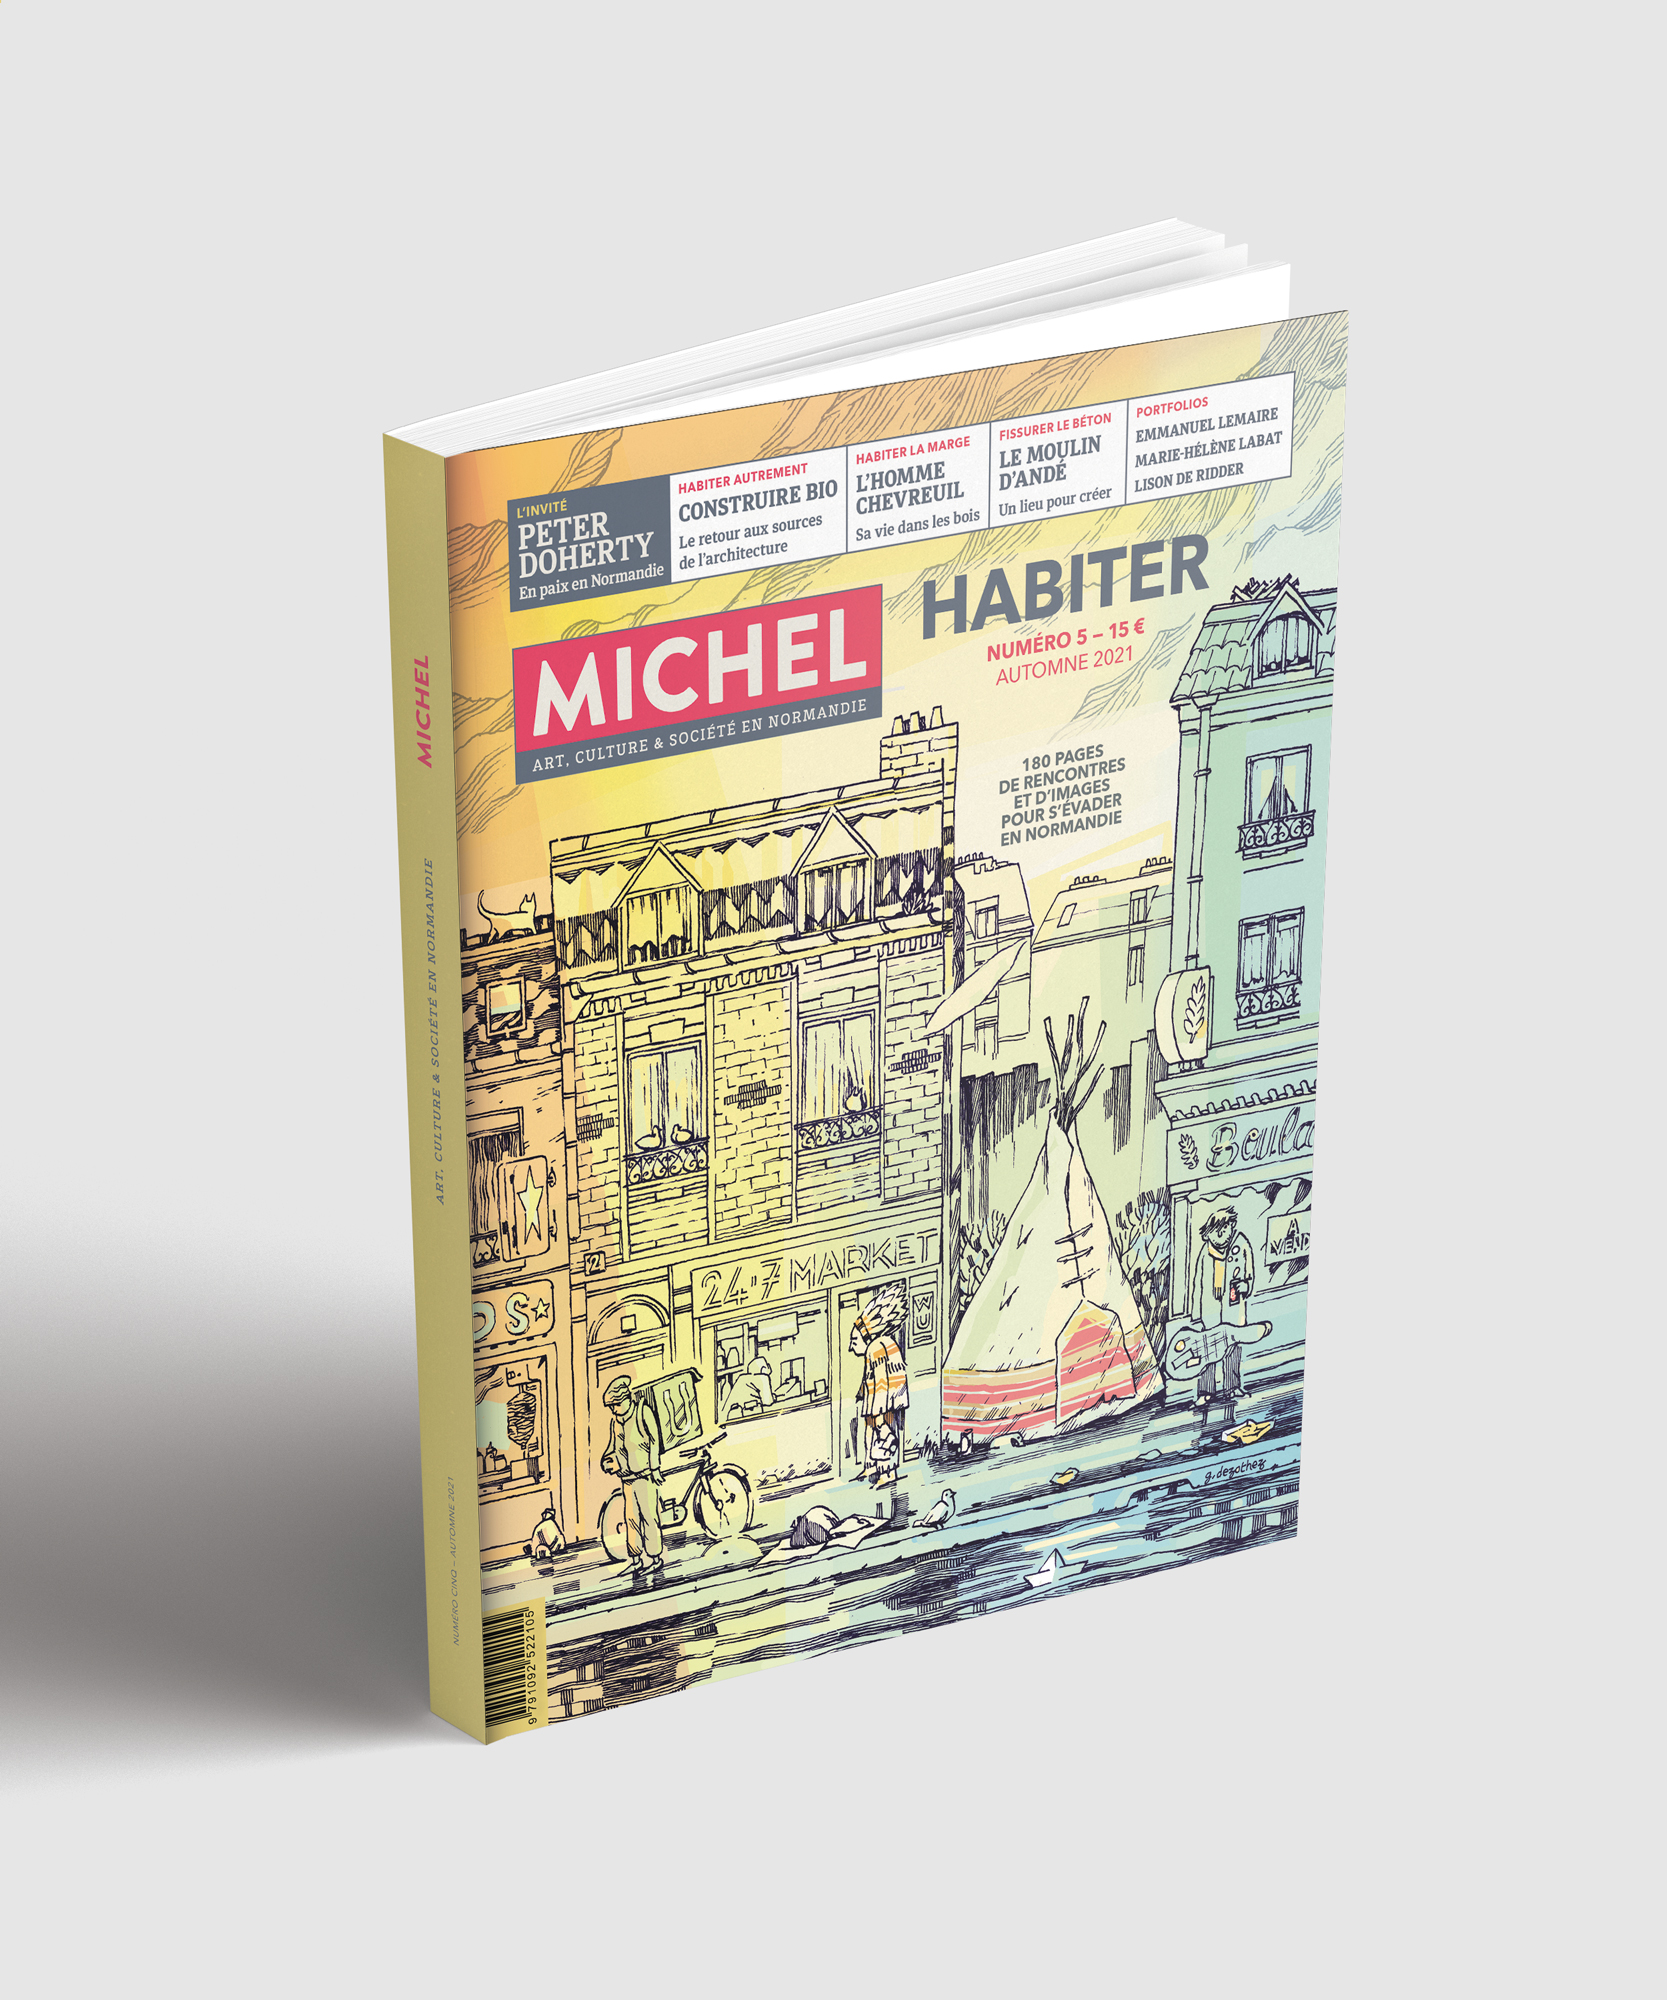 Nouveau : MICHEL N°5 «HABITER»